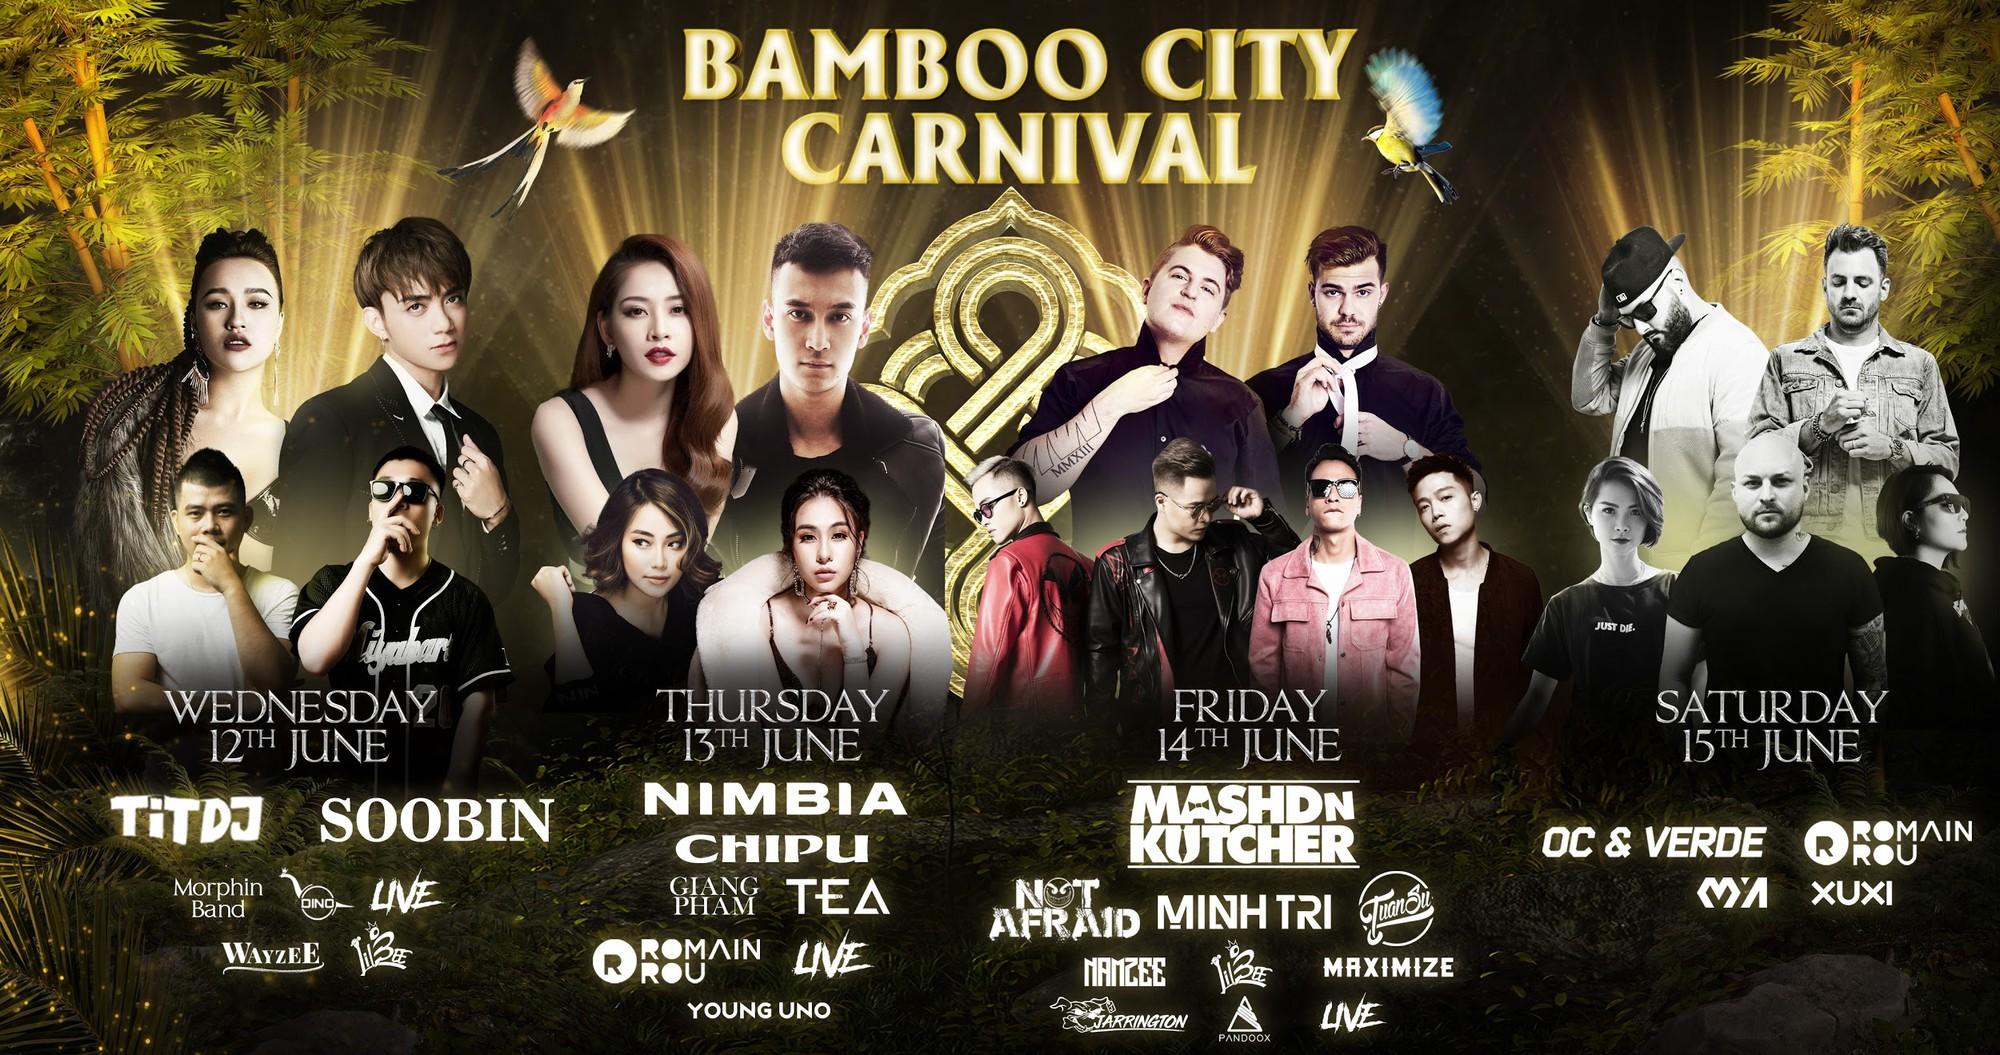 """Còn gì nóng bằng Bamboo City: Sold out 2.500 vé free sau 48h, giới trẻ xôn xao tìm cách """"thâm nhập""""? - Ảnh 2."""